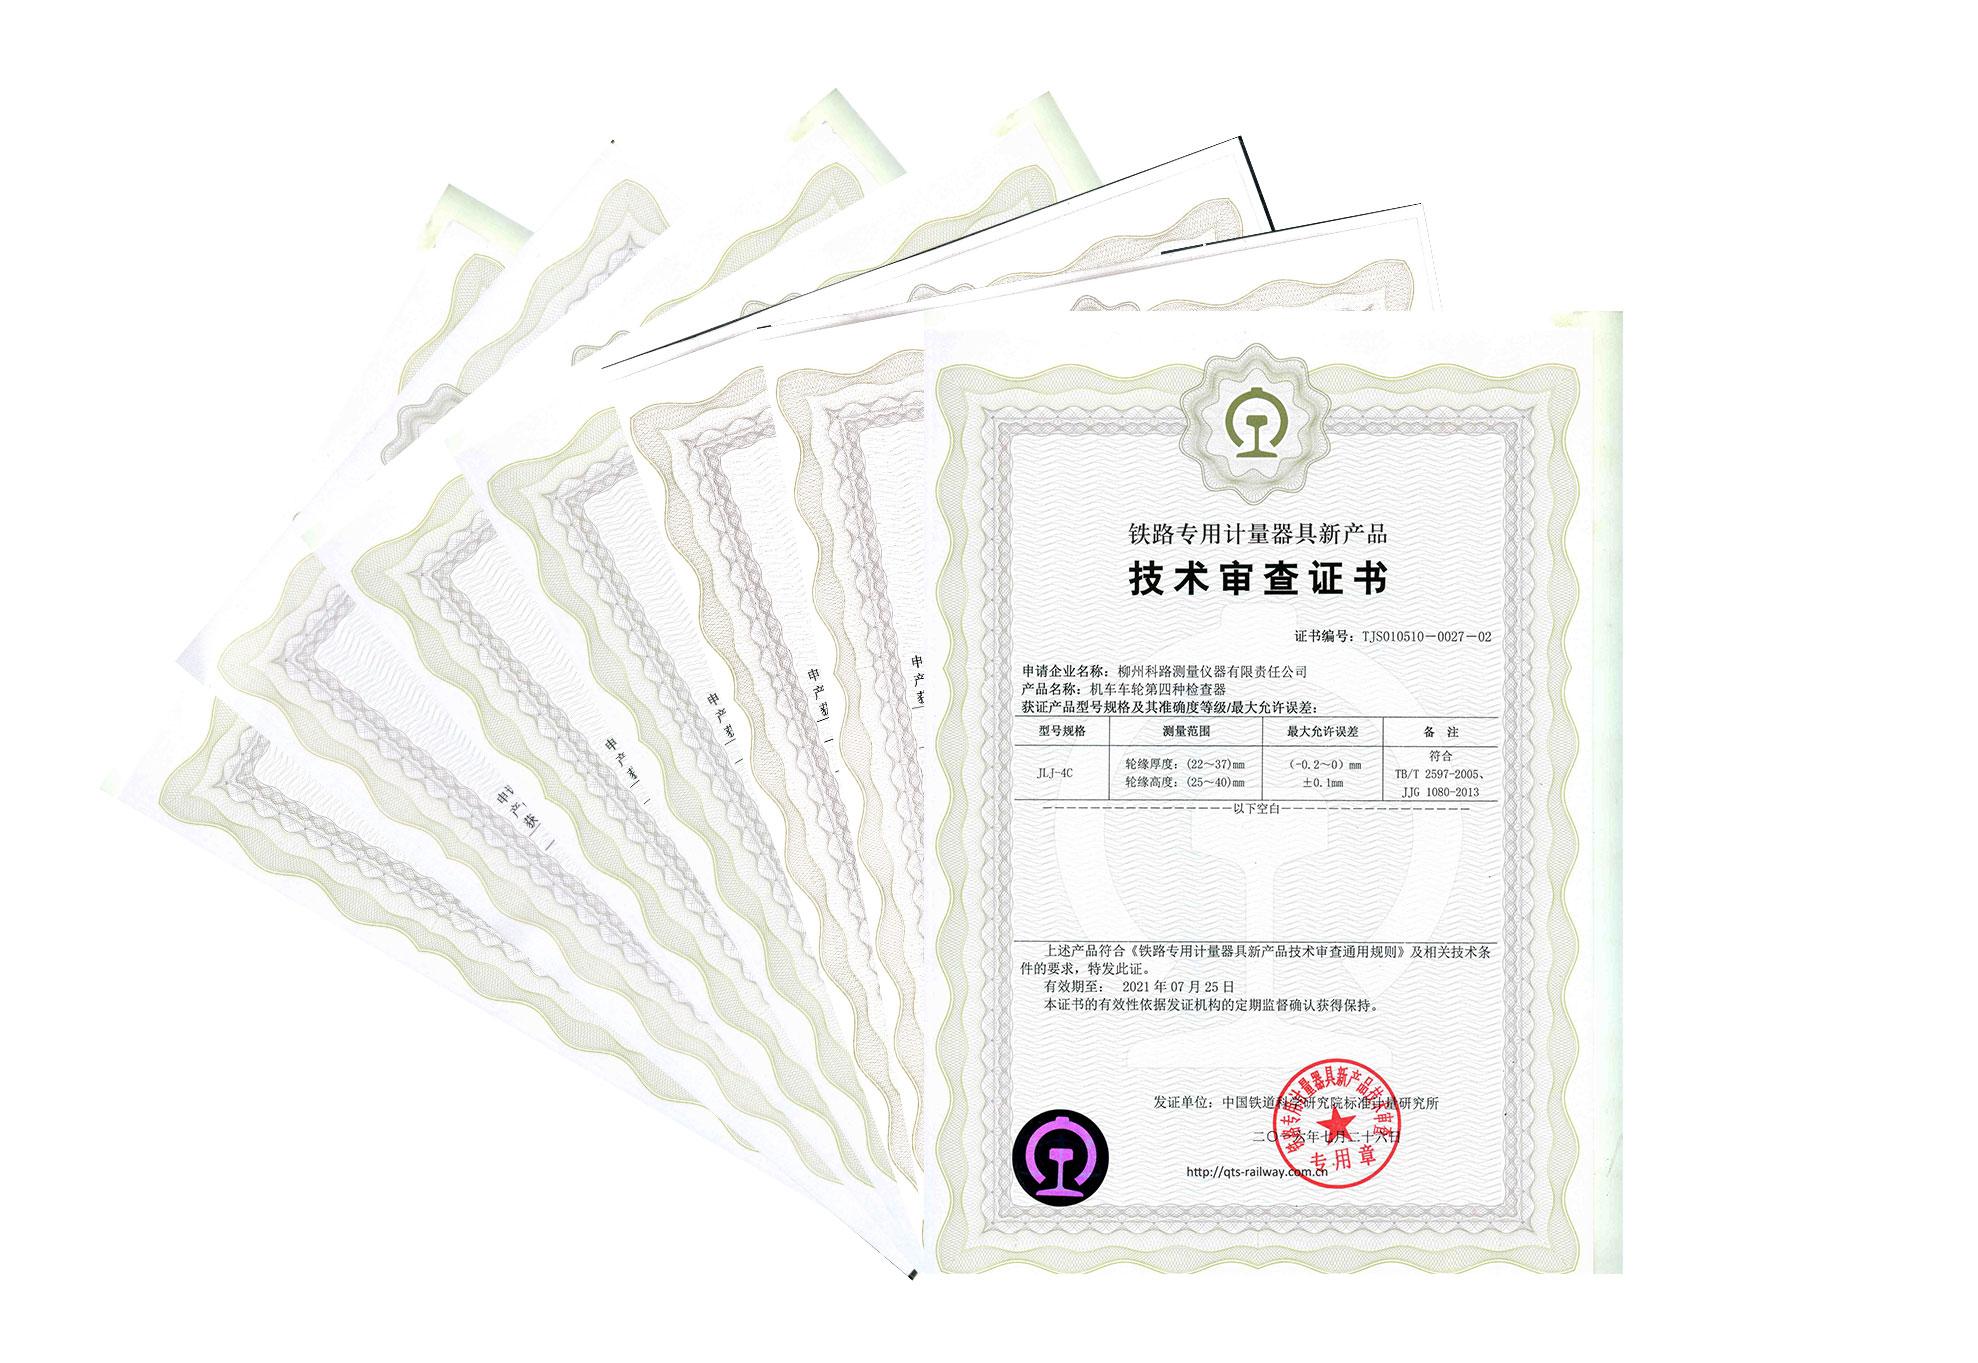 万博app官方专用计量器具新产品技术认证证书